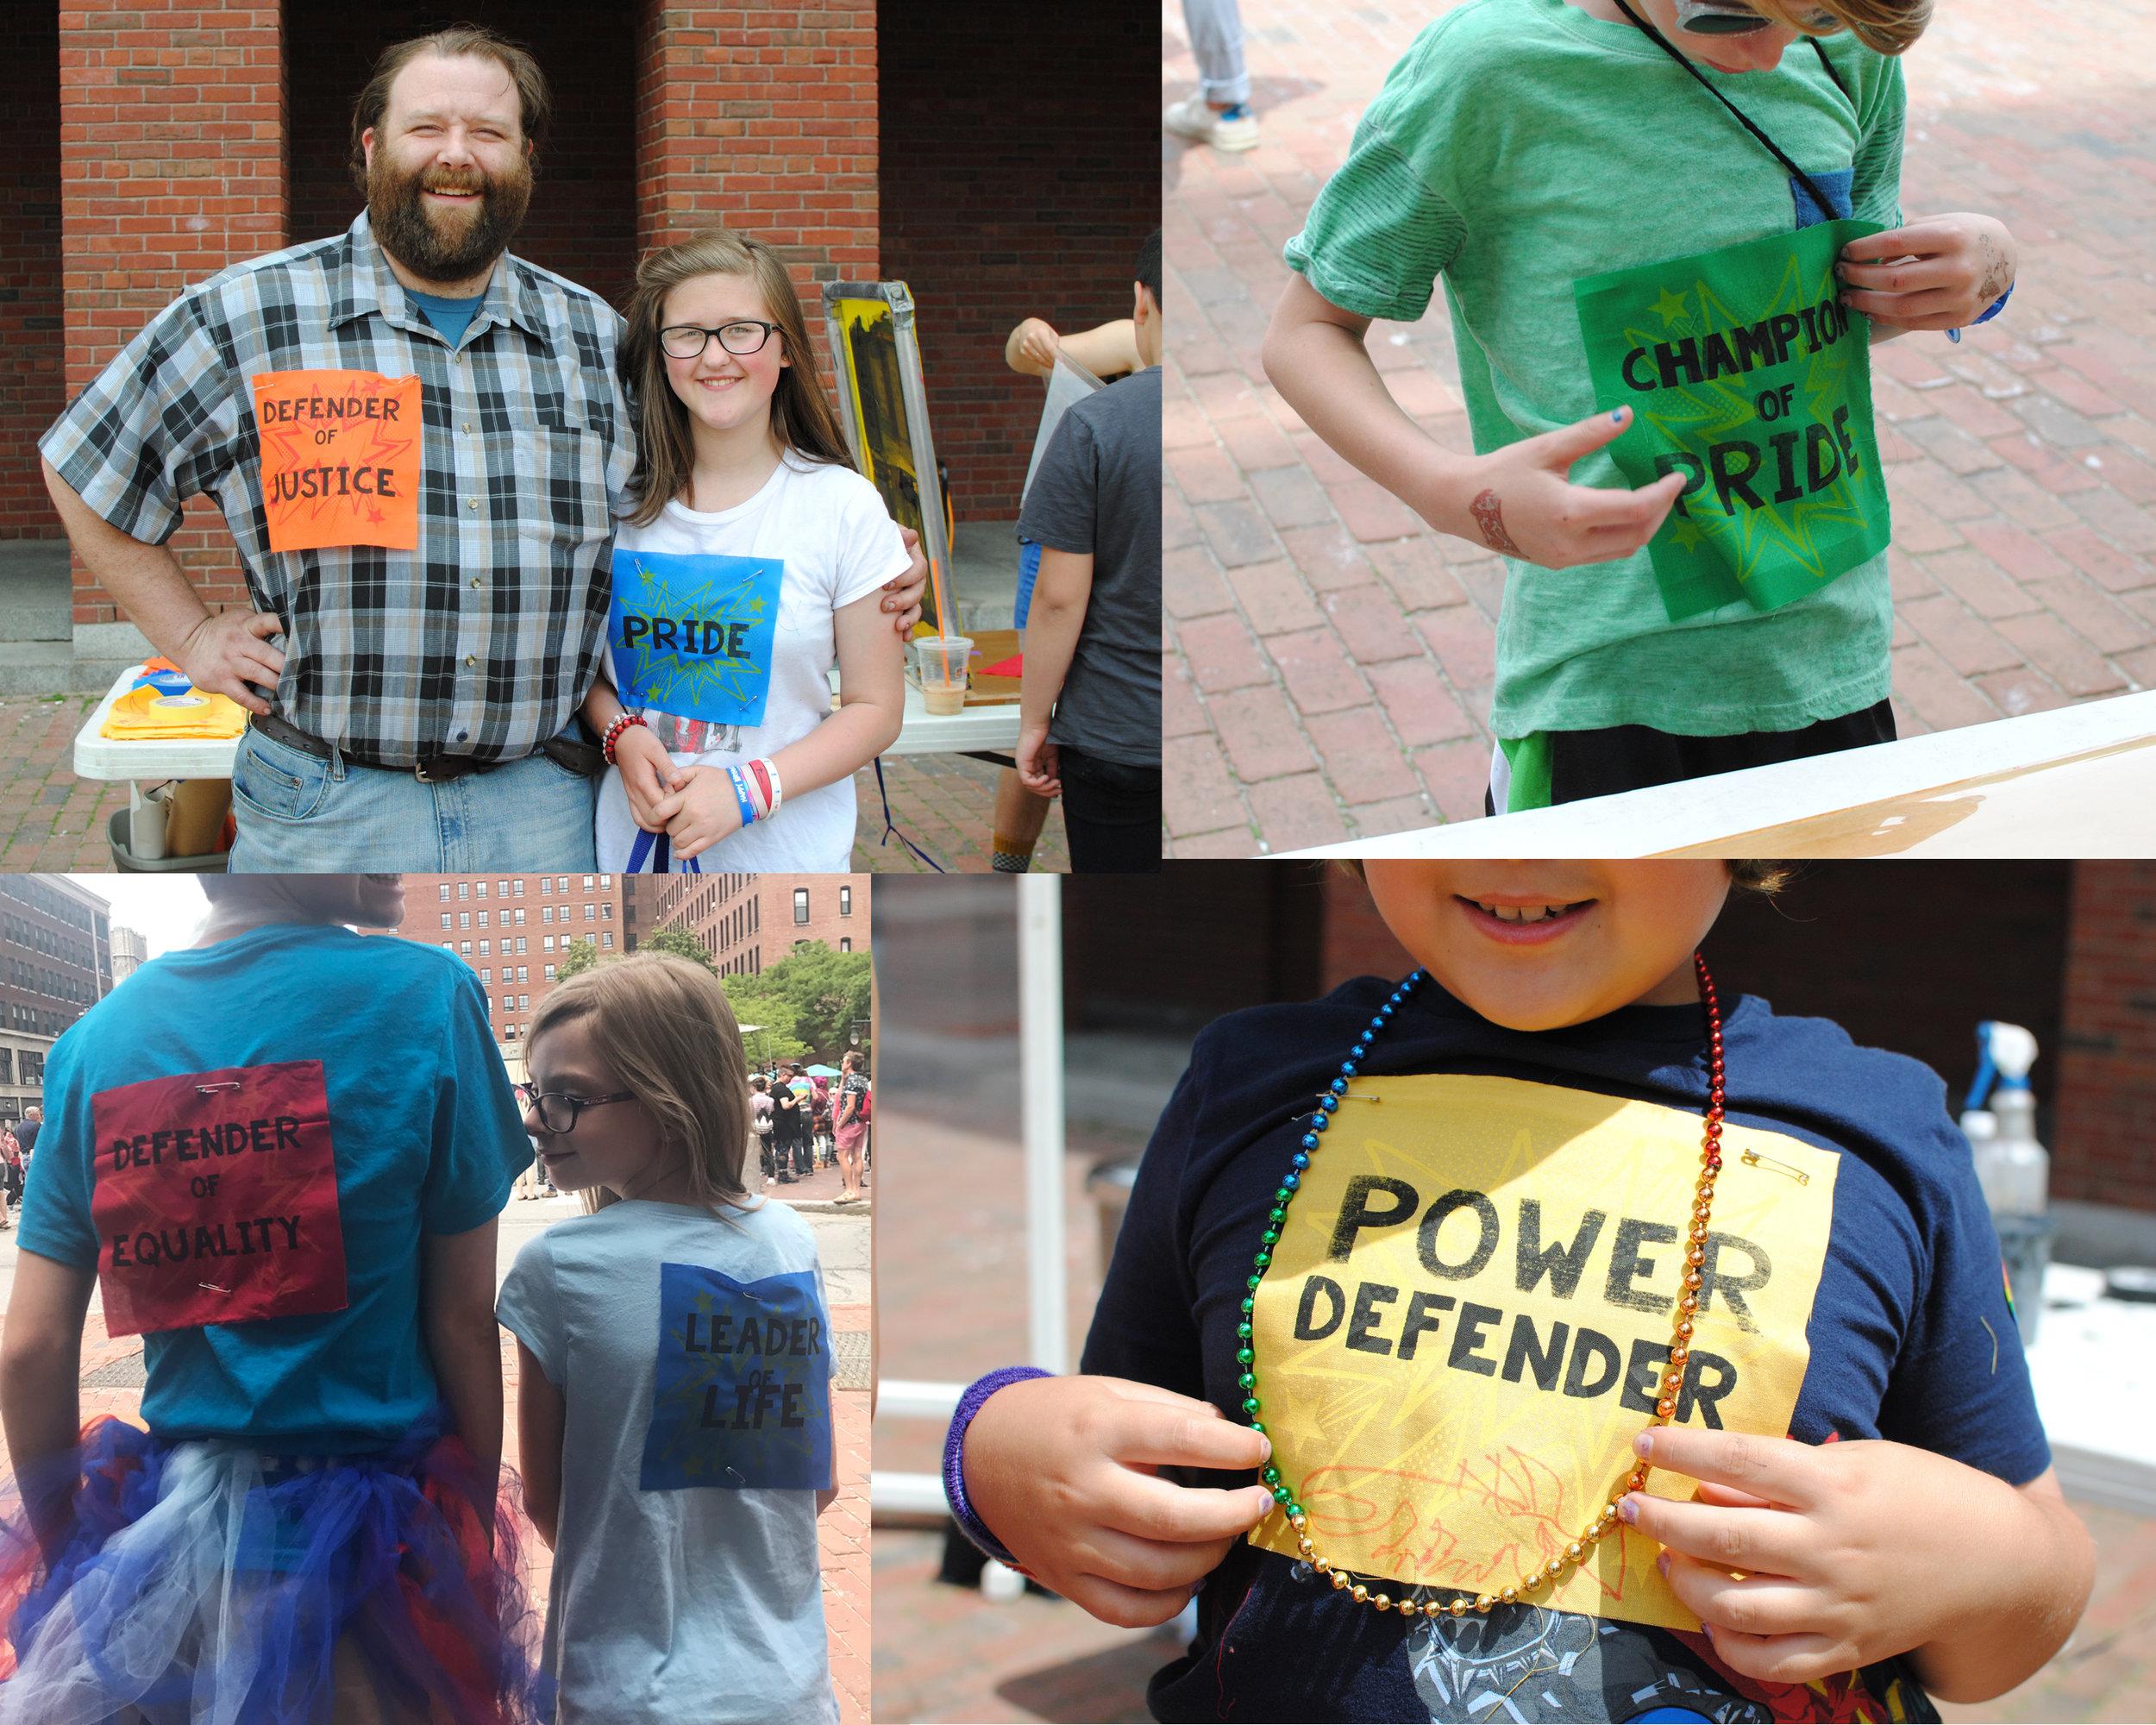 PMA_family day_pride_collage.jpg